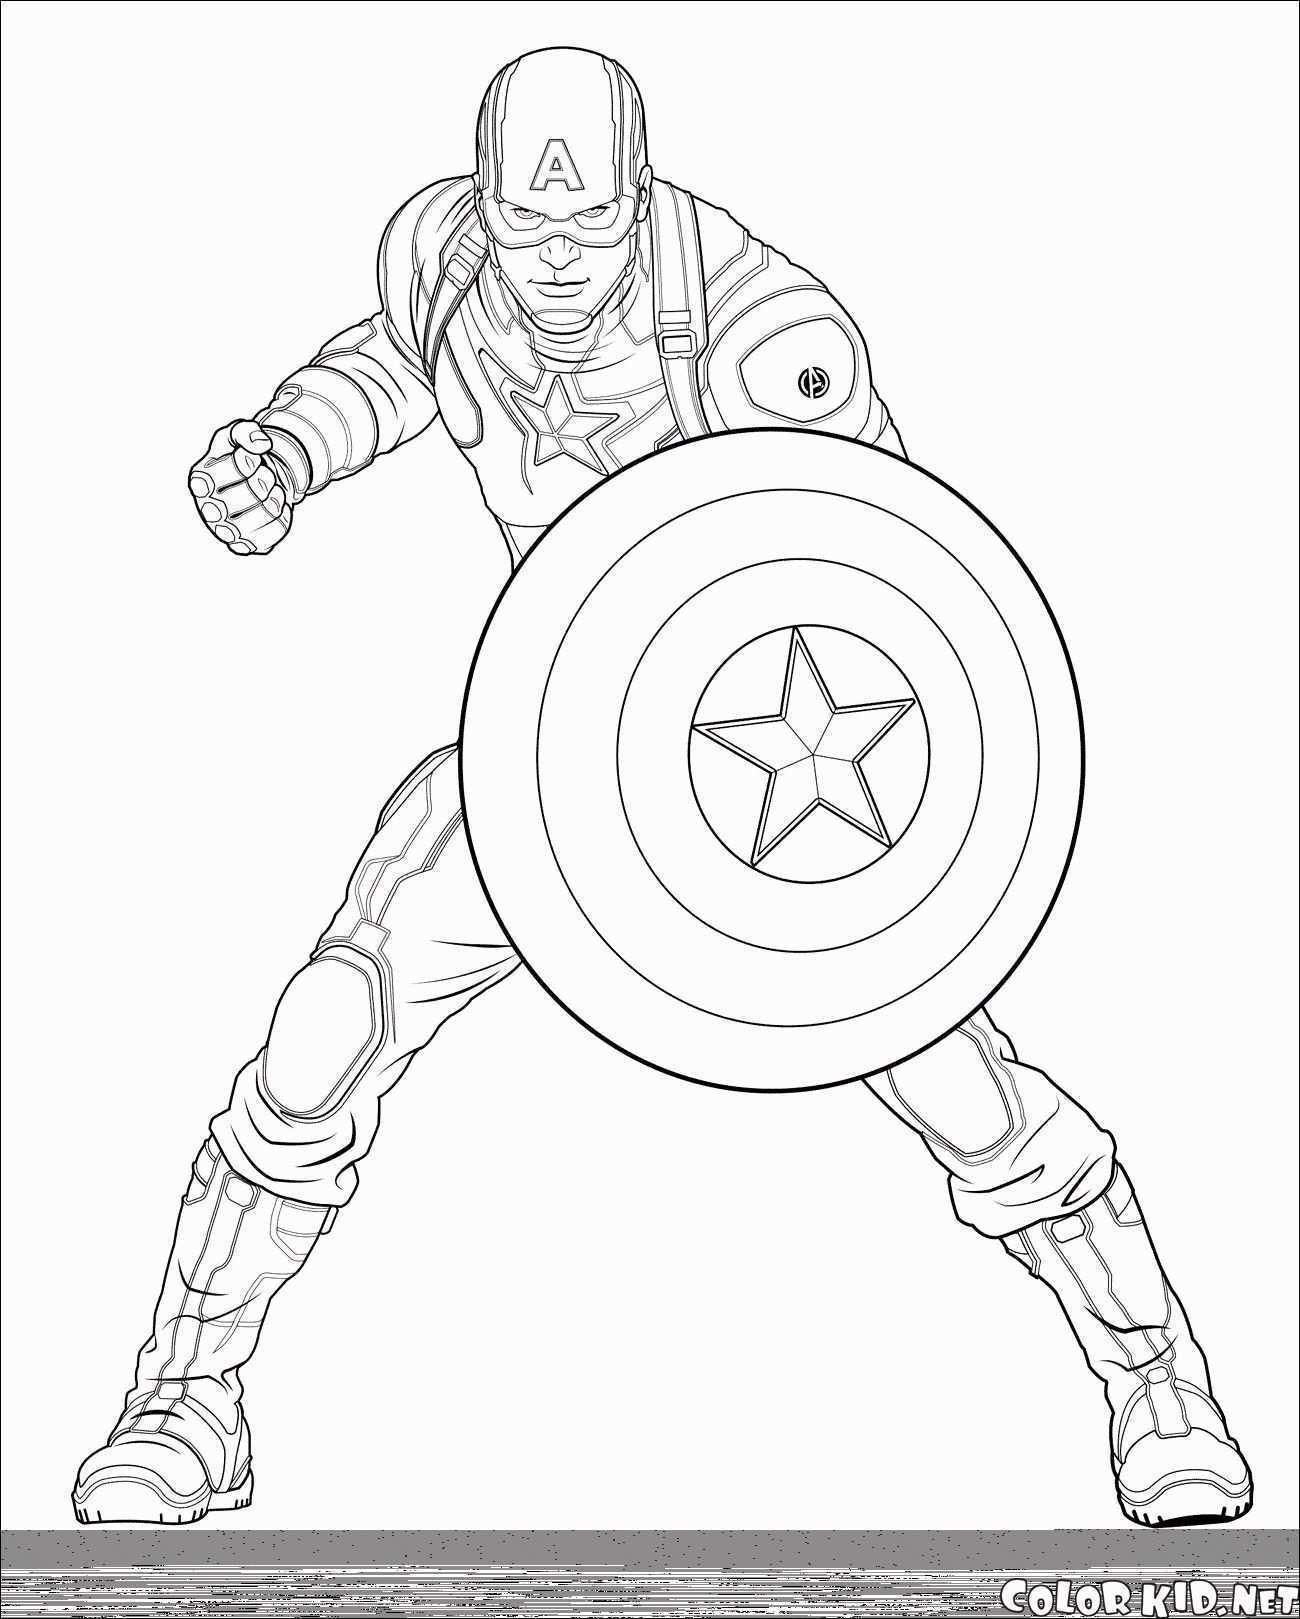 Ausmalbilder Marvel Helden Einzigartig Ausmalbilder Marvel Super Heroes Idee 45 Best Ausmalbilder Piraten Bilder